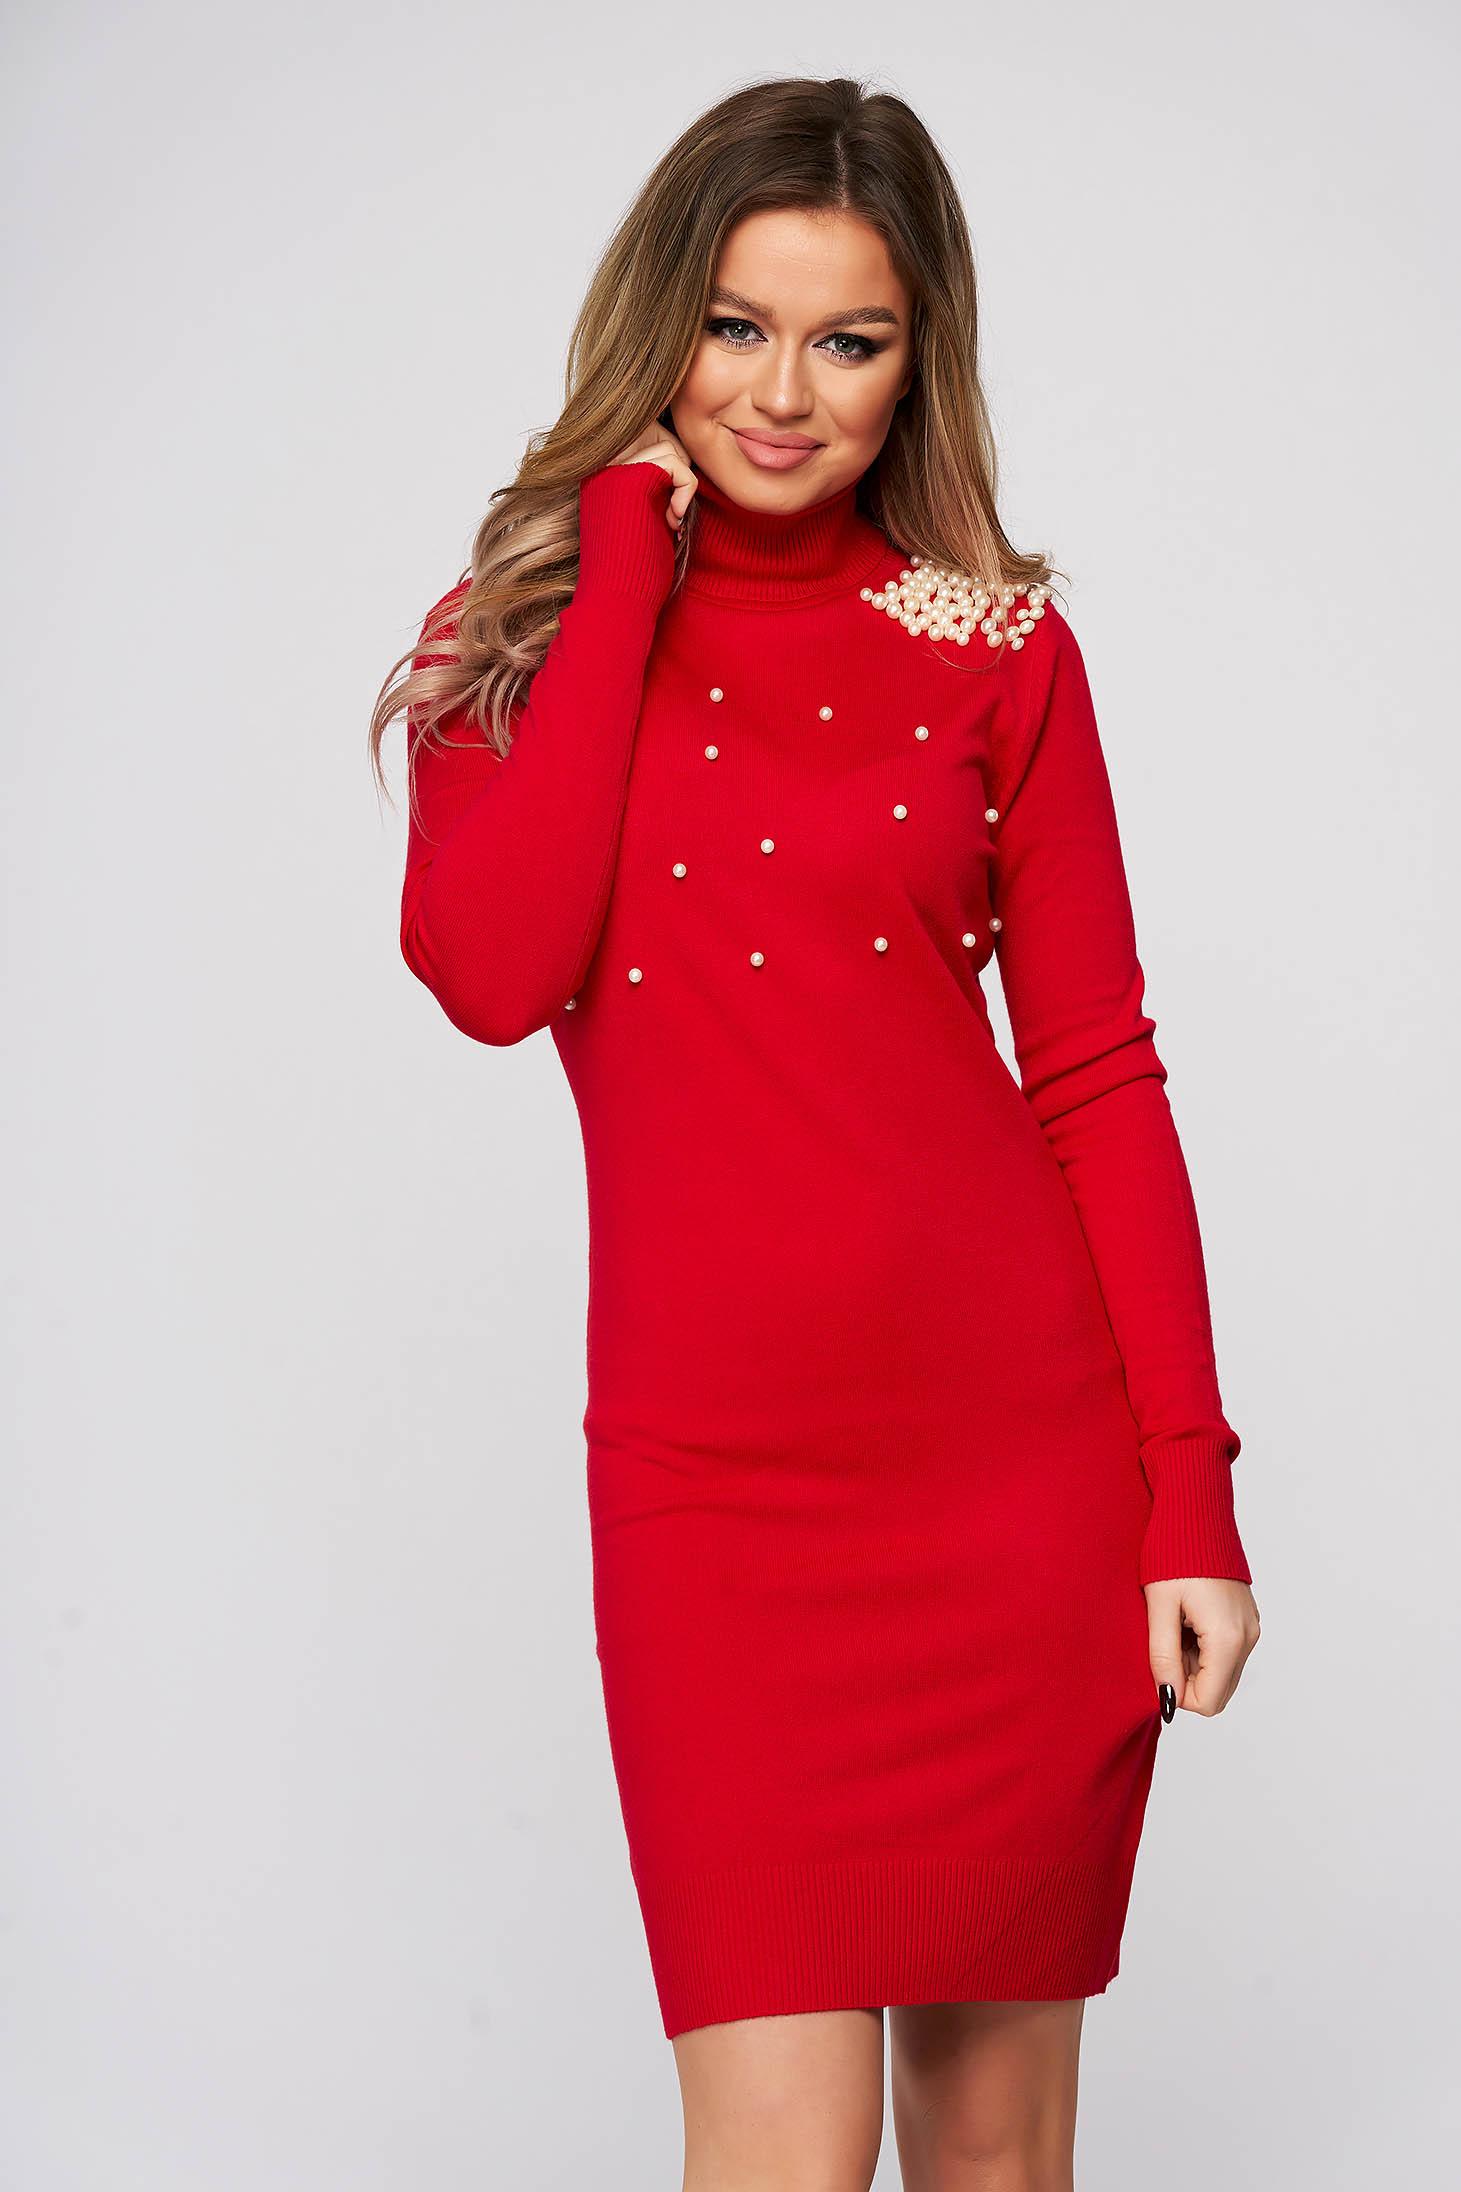 Rochie SunShine rosie tricotata scurta cu un croi mulat si aplicatii cu perle